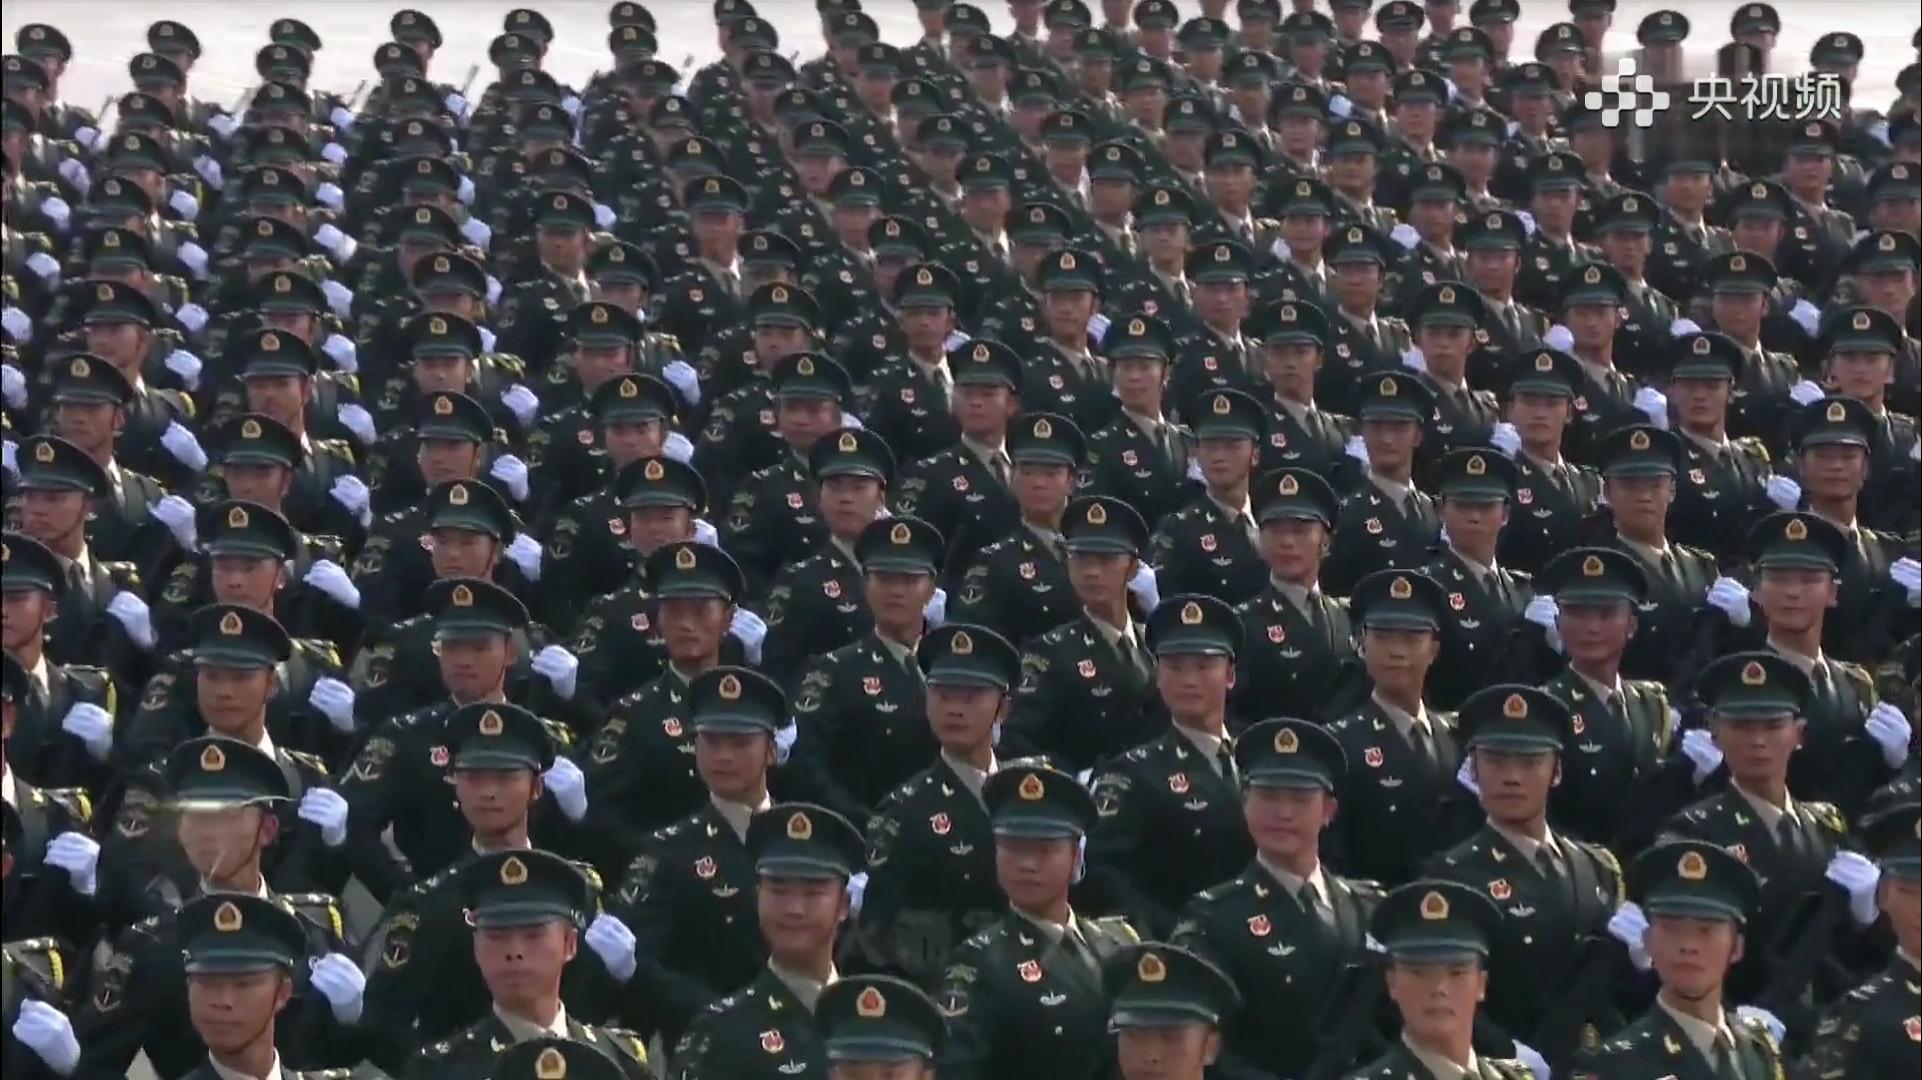 [1080P/极致踩点]来感受一下中国阅兵式的魅力吧!